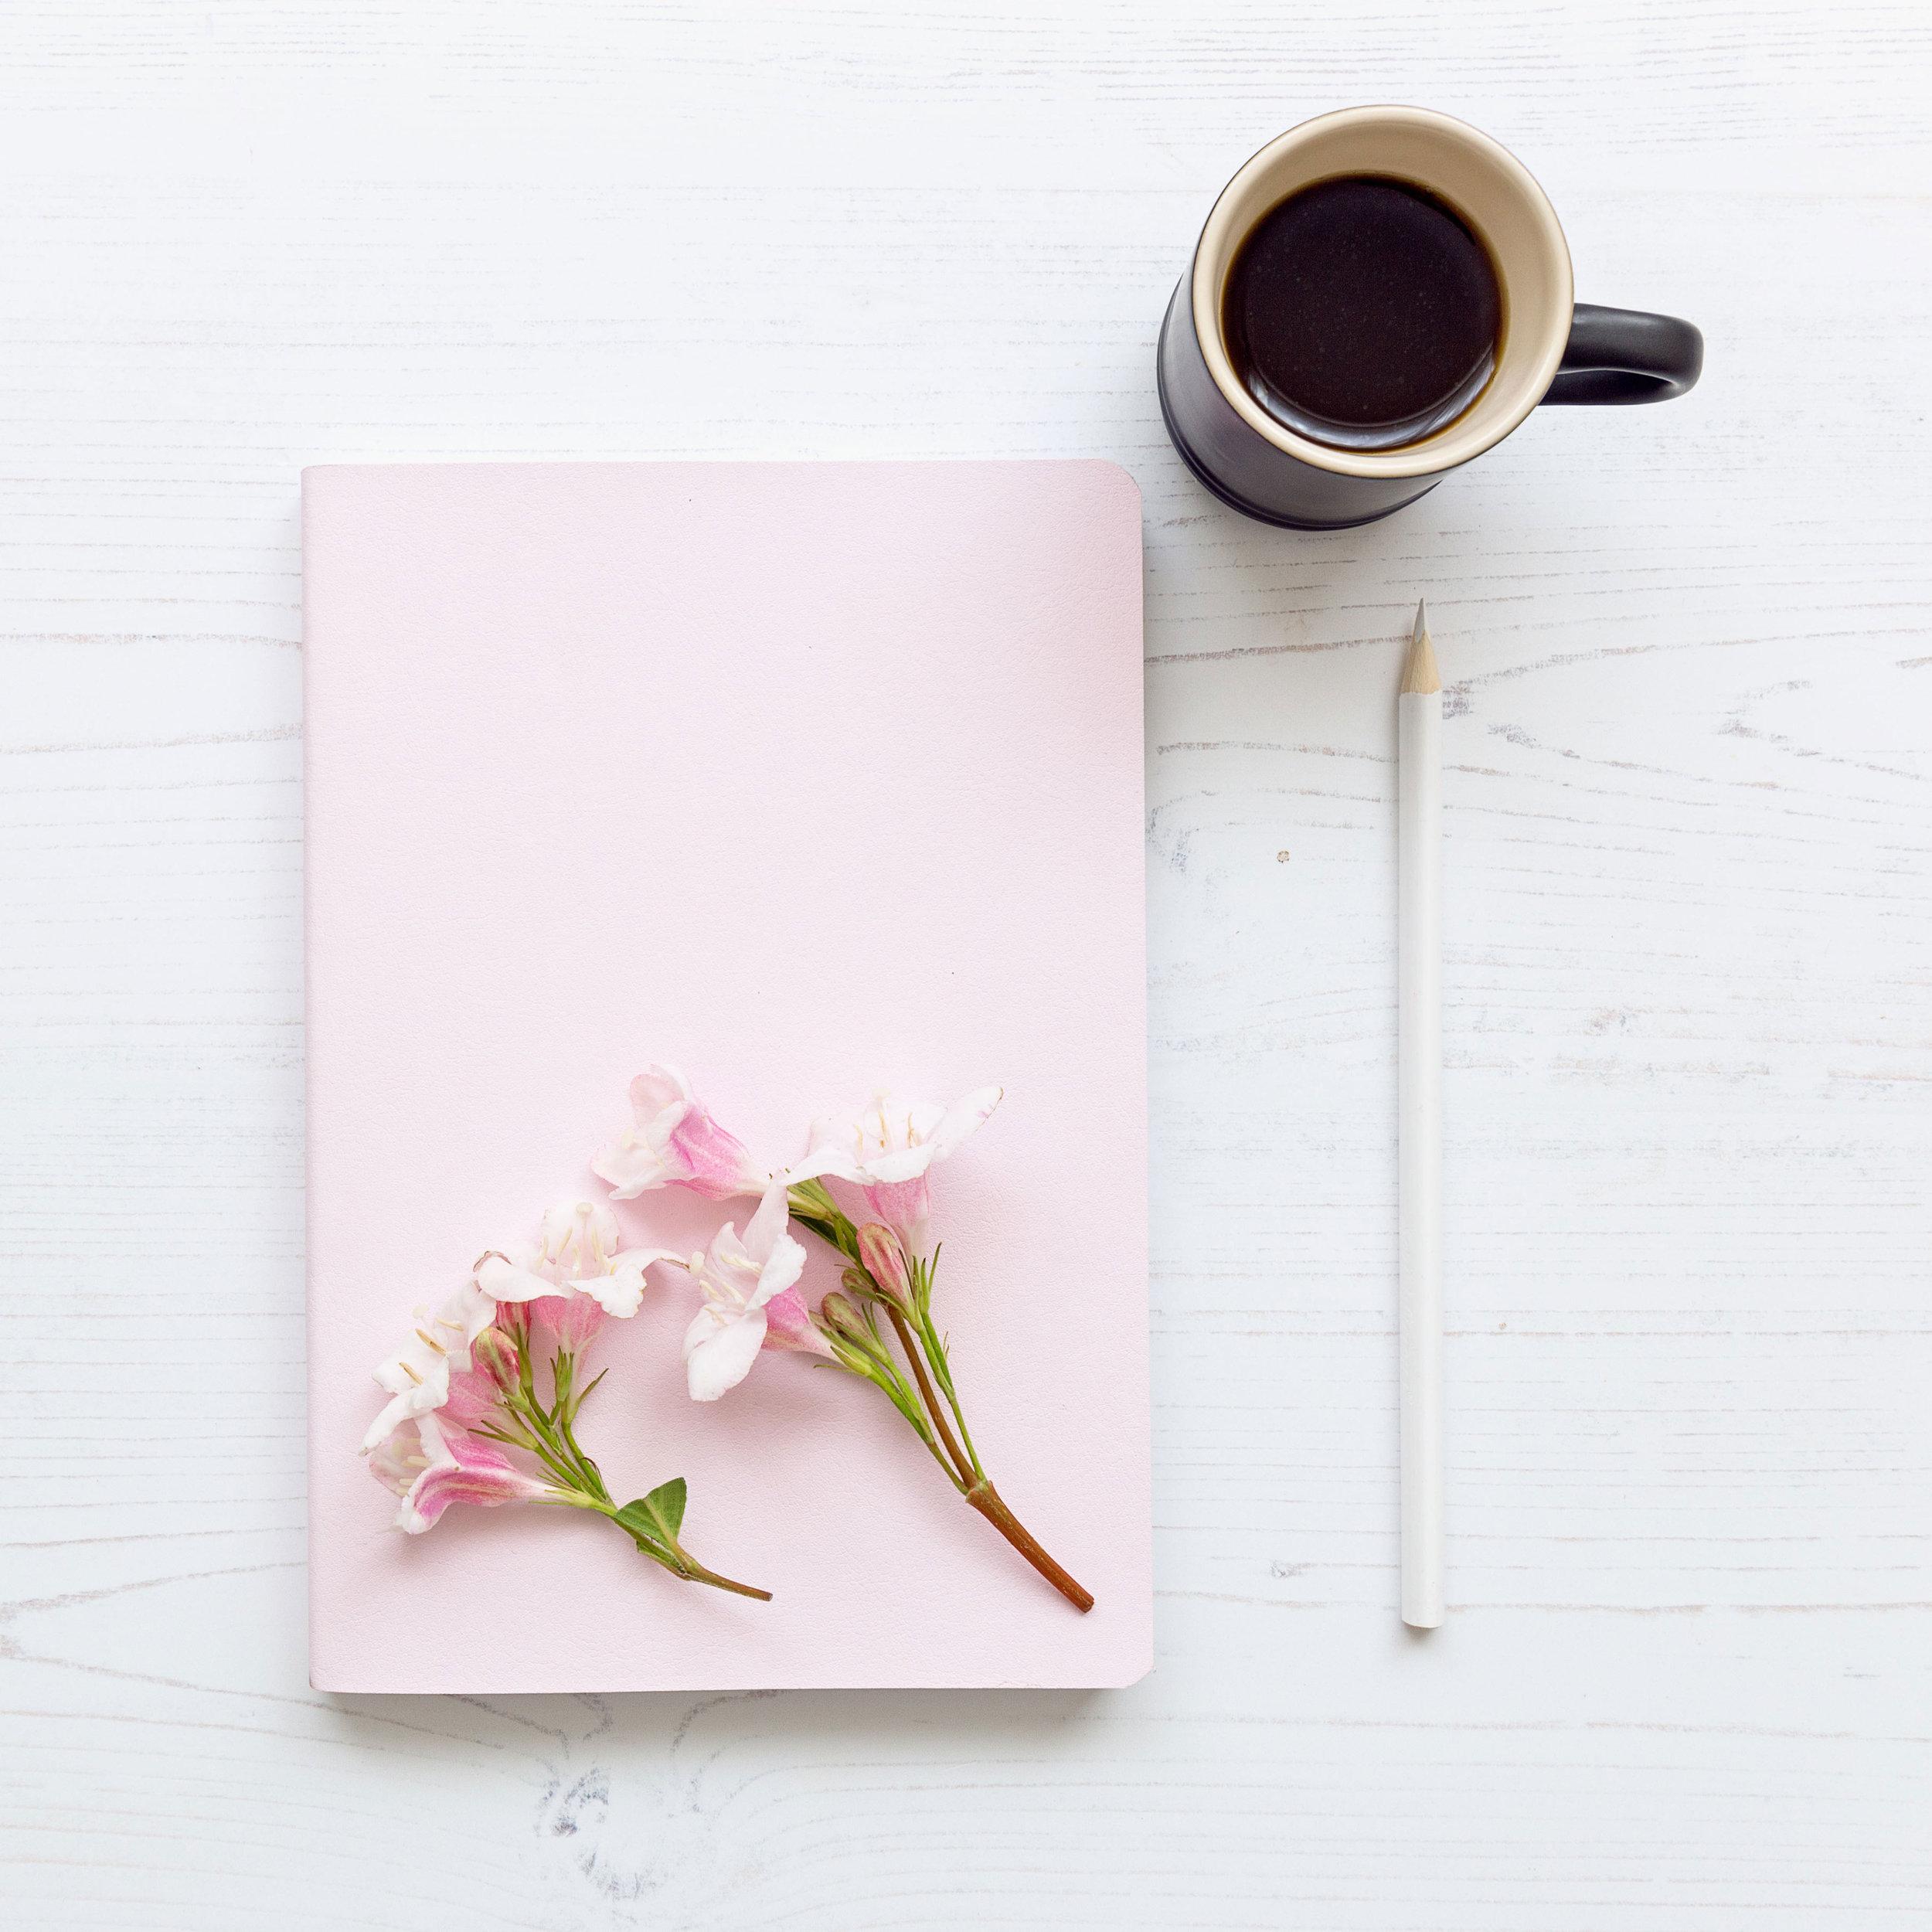 Hi_Res_Pink_Notebook_Coffee_Flatlay_4863_LouiseHowell.jpg